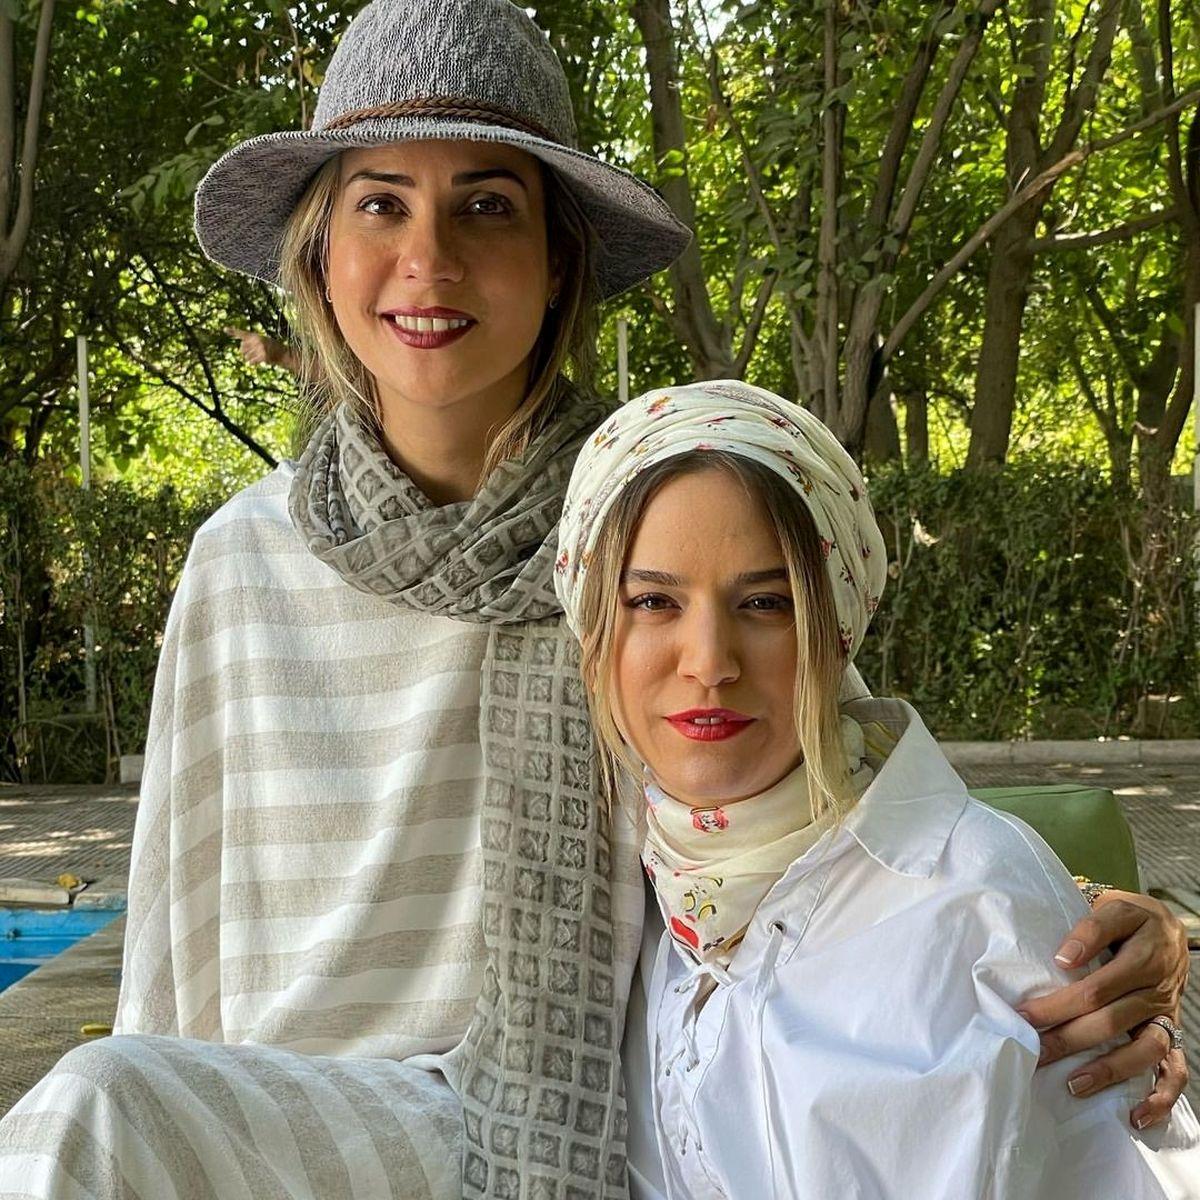 سارا بهرامی و ستاره پسیانی بدون حجاب در باغی زیبا + عکس